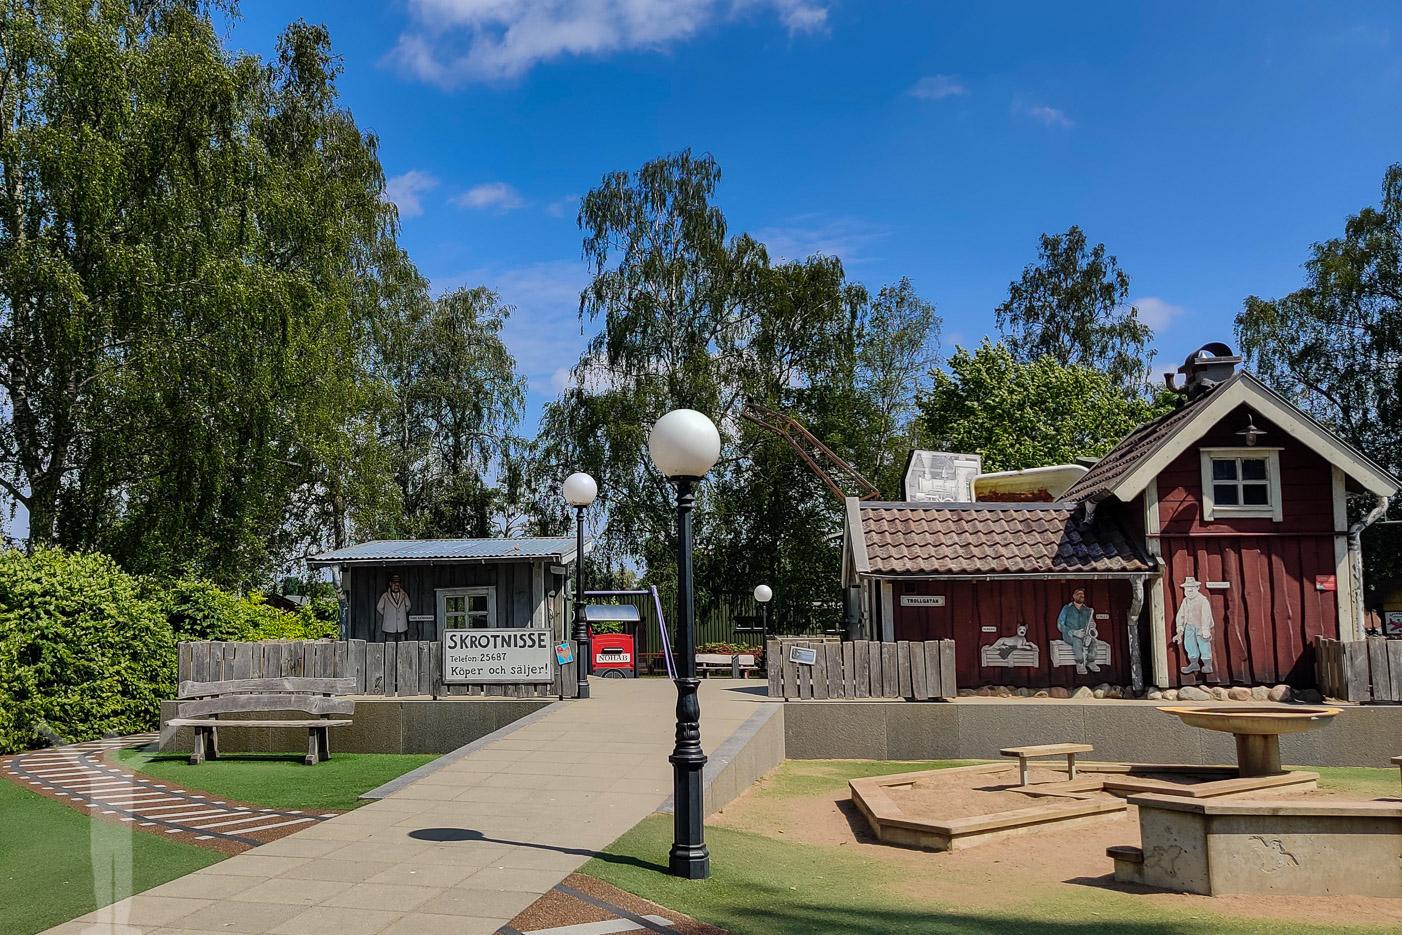 Skrotnisses lekpark på Spikön i Trollhättan